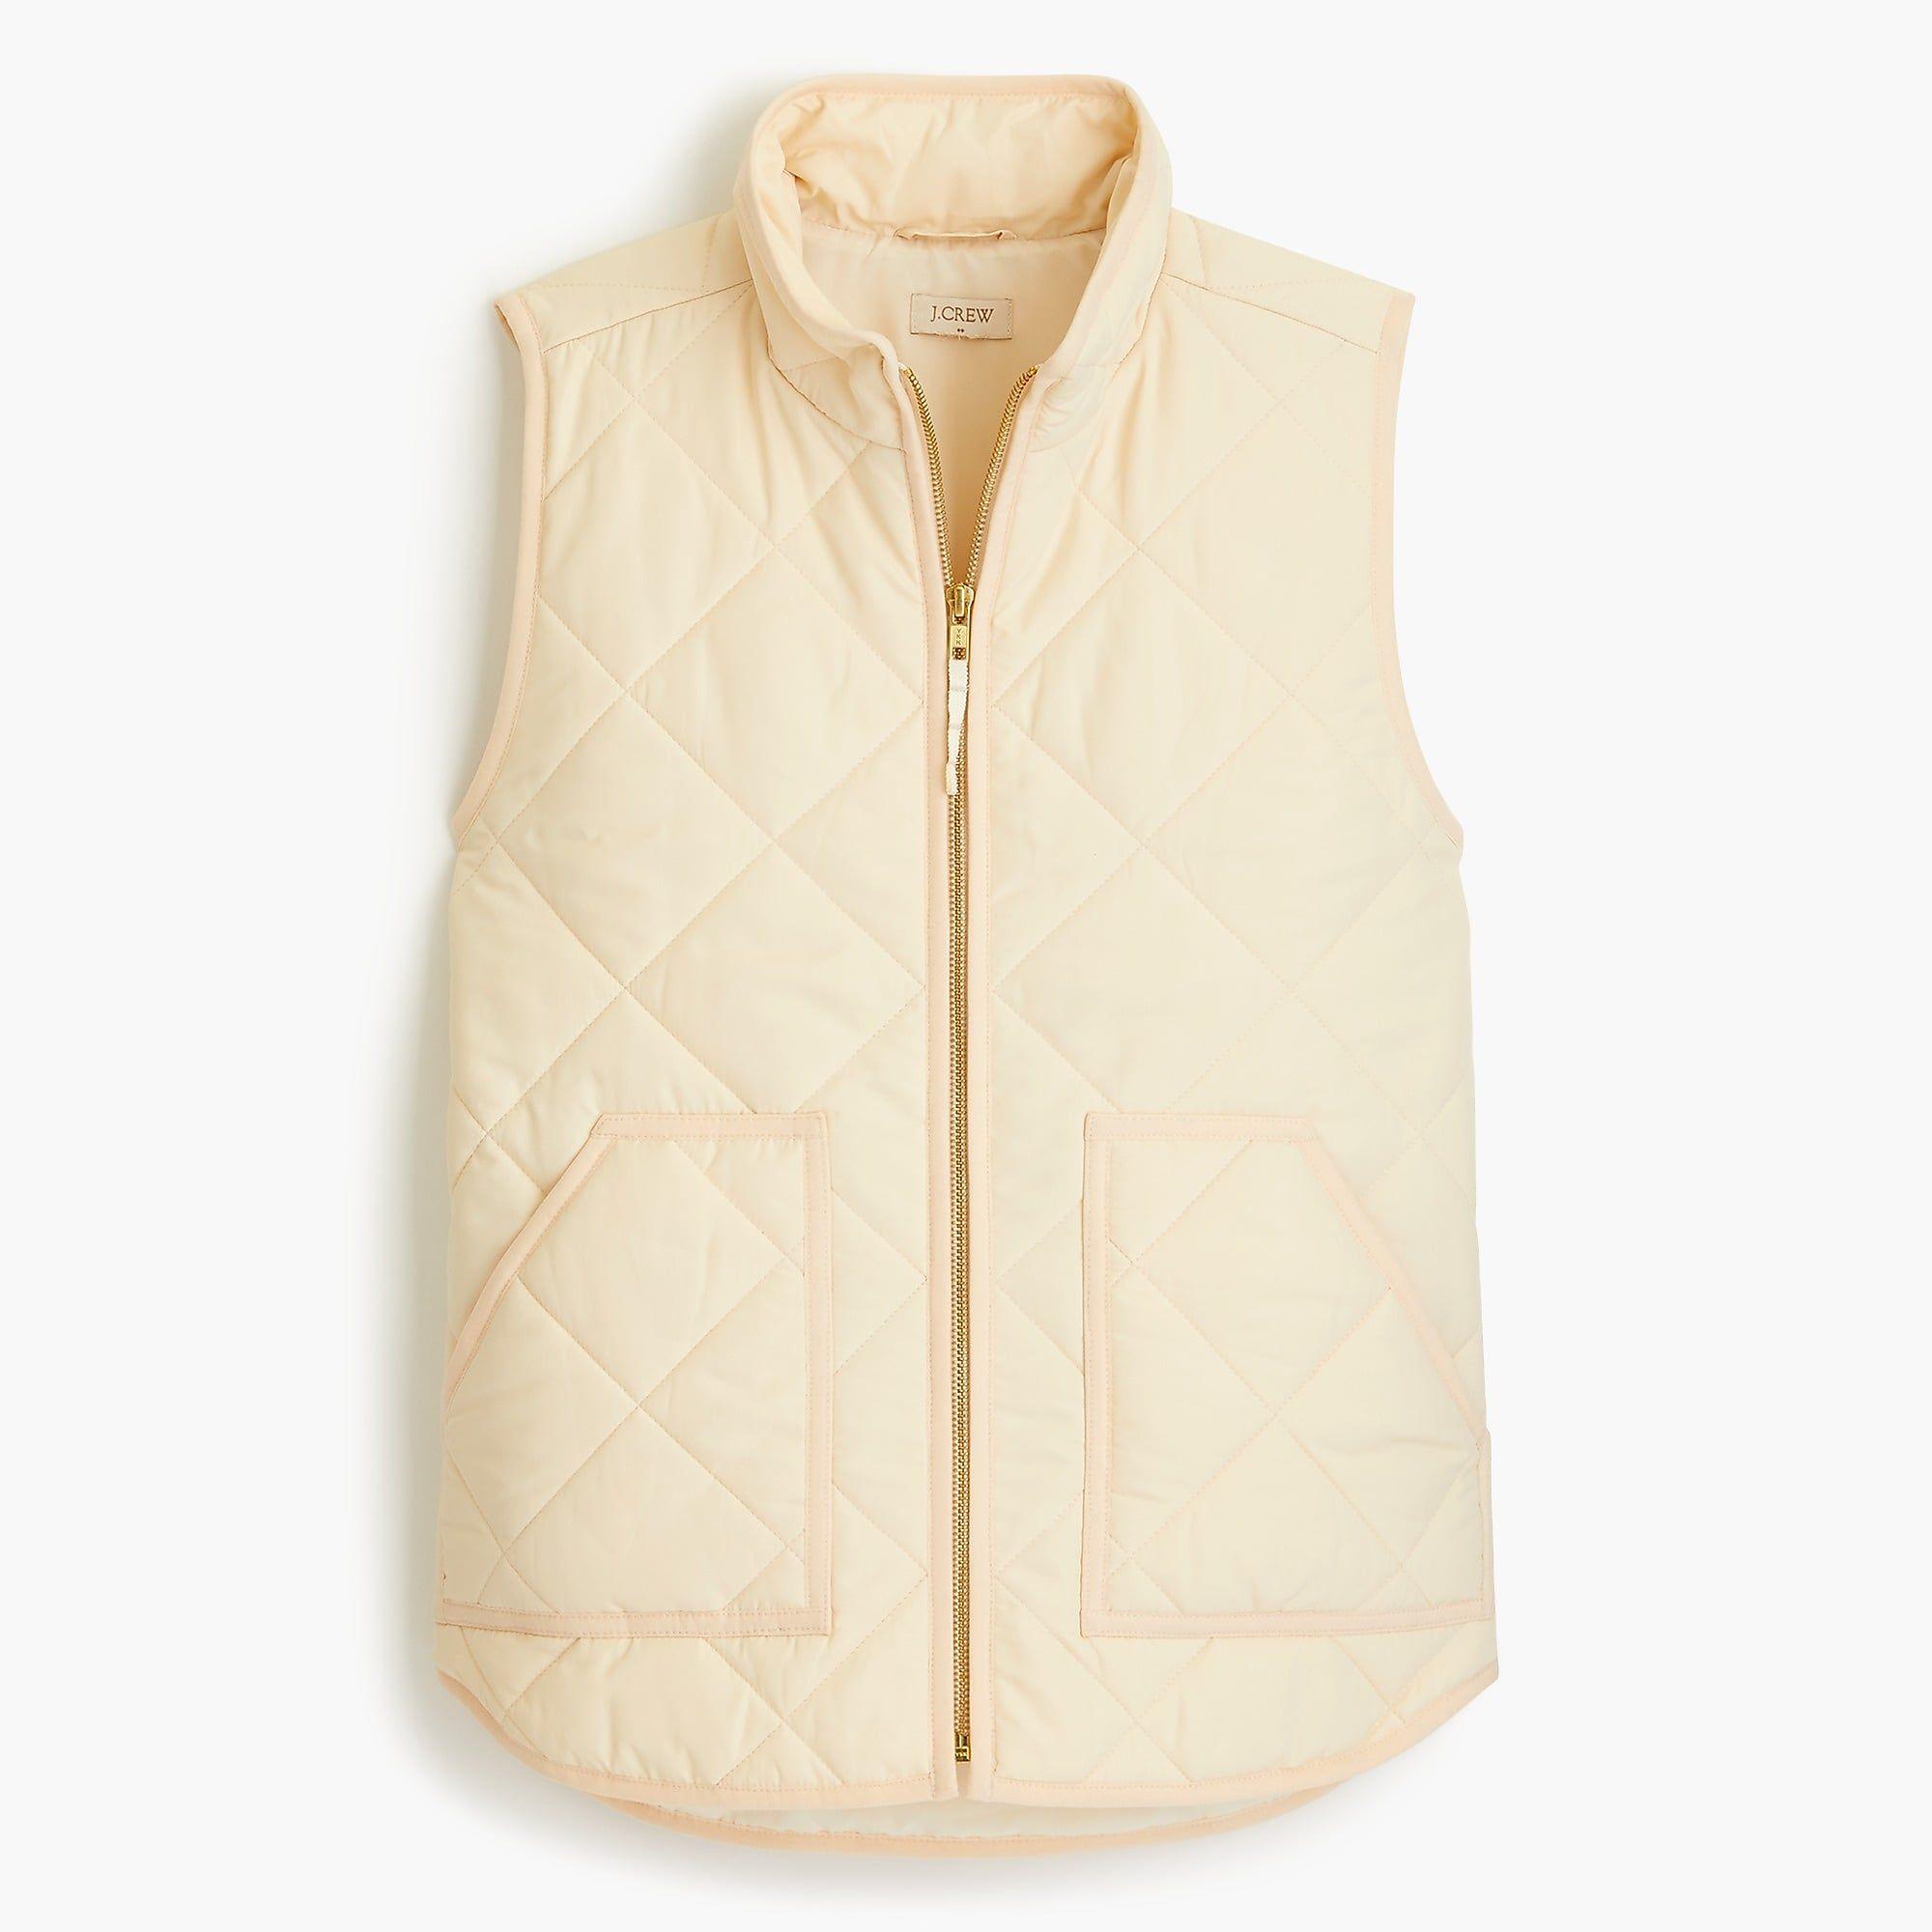 J.Crew Mercantile Womens Fleece Vest